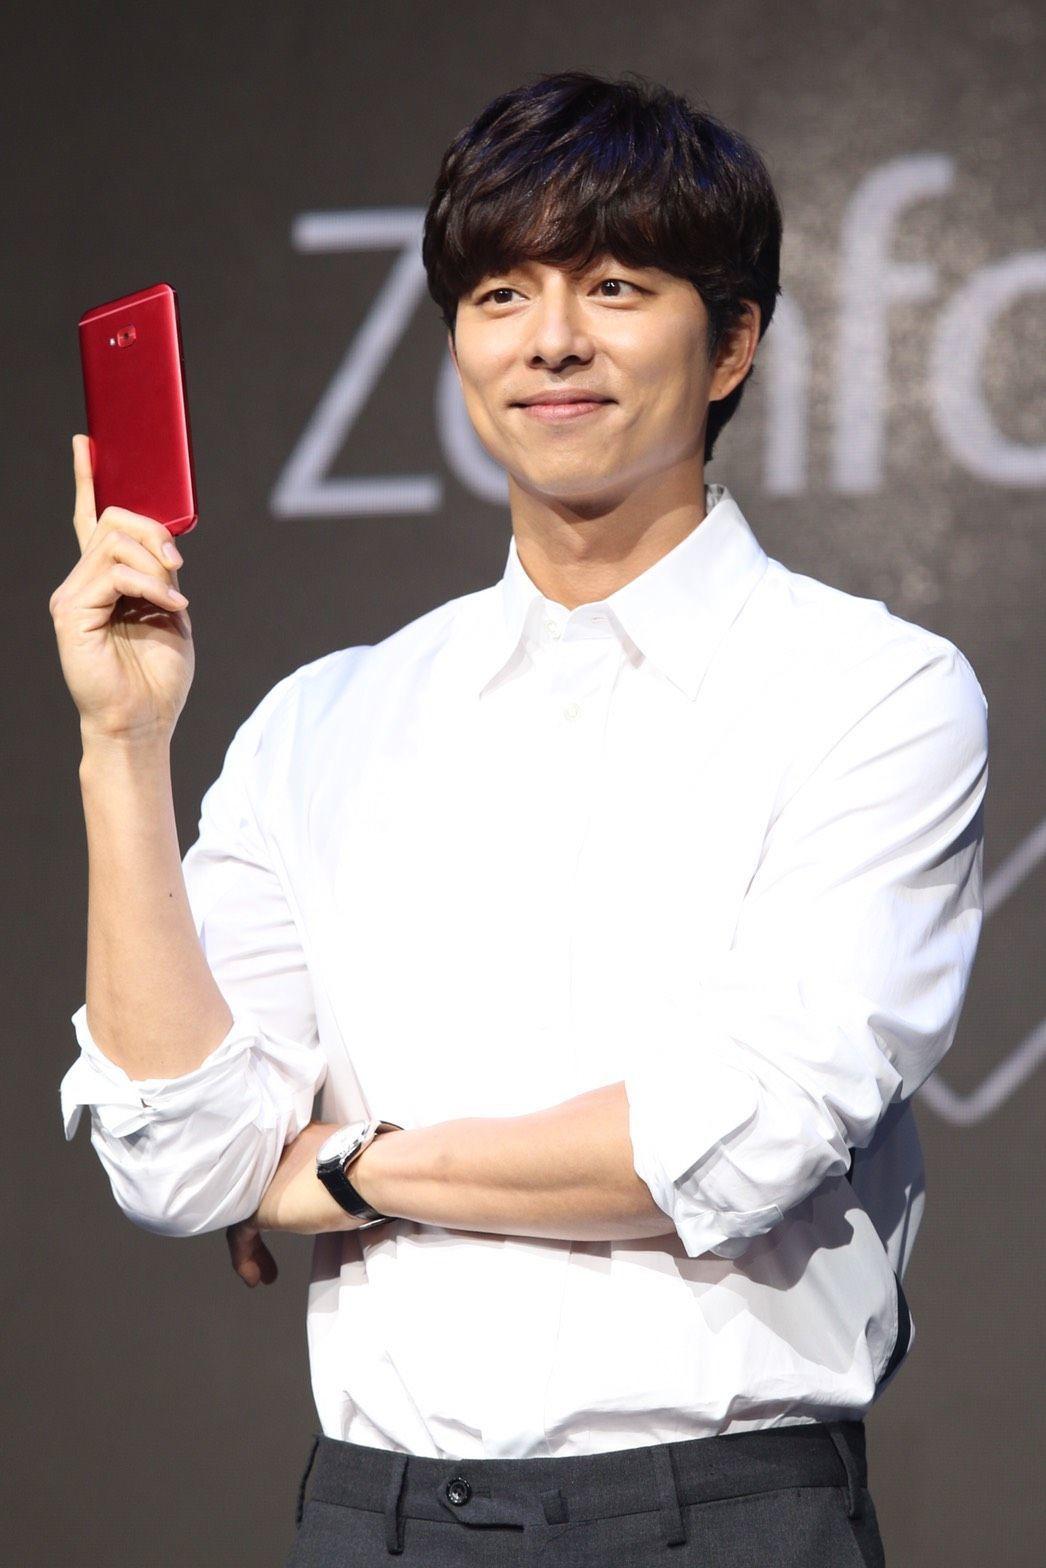 華碩砸重金請韓星孔劉代言ZenFone 4系列手機。 報系資料照